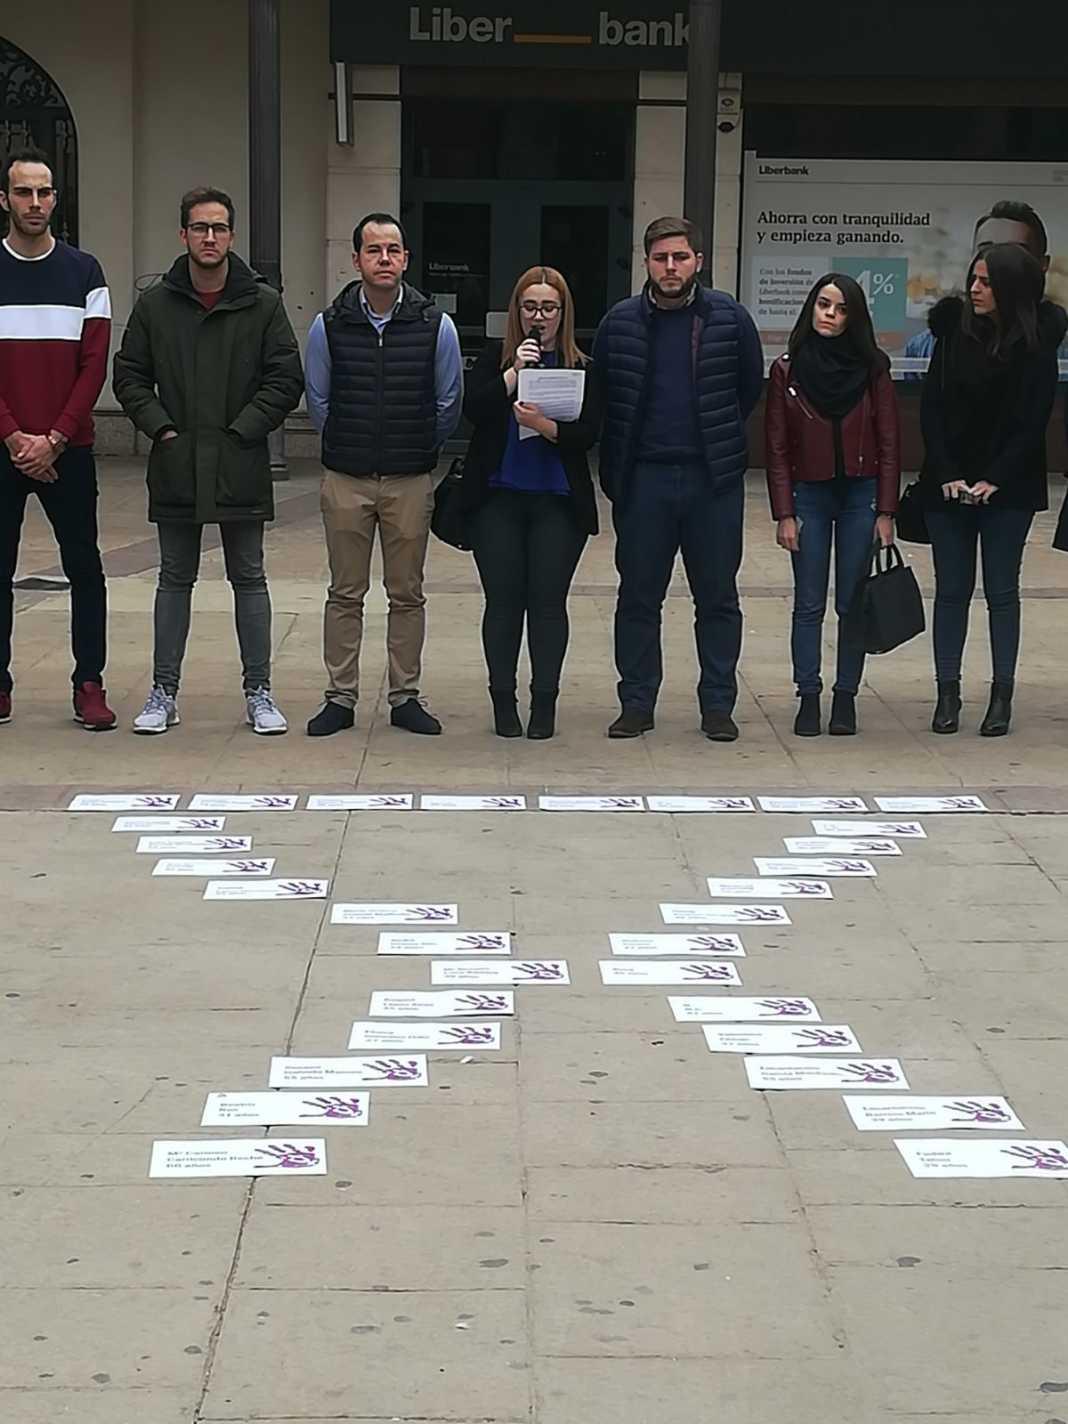 minuto silecion contra violencia genero 1068x1424 - Minuto de silencio contra la violencia de género en Herencia